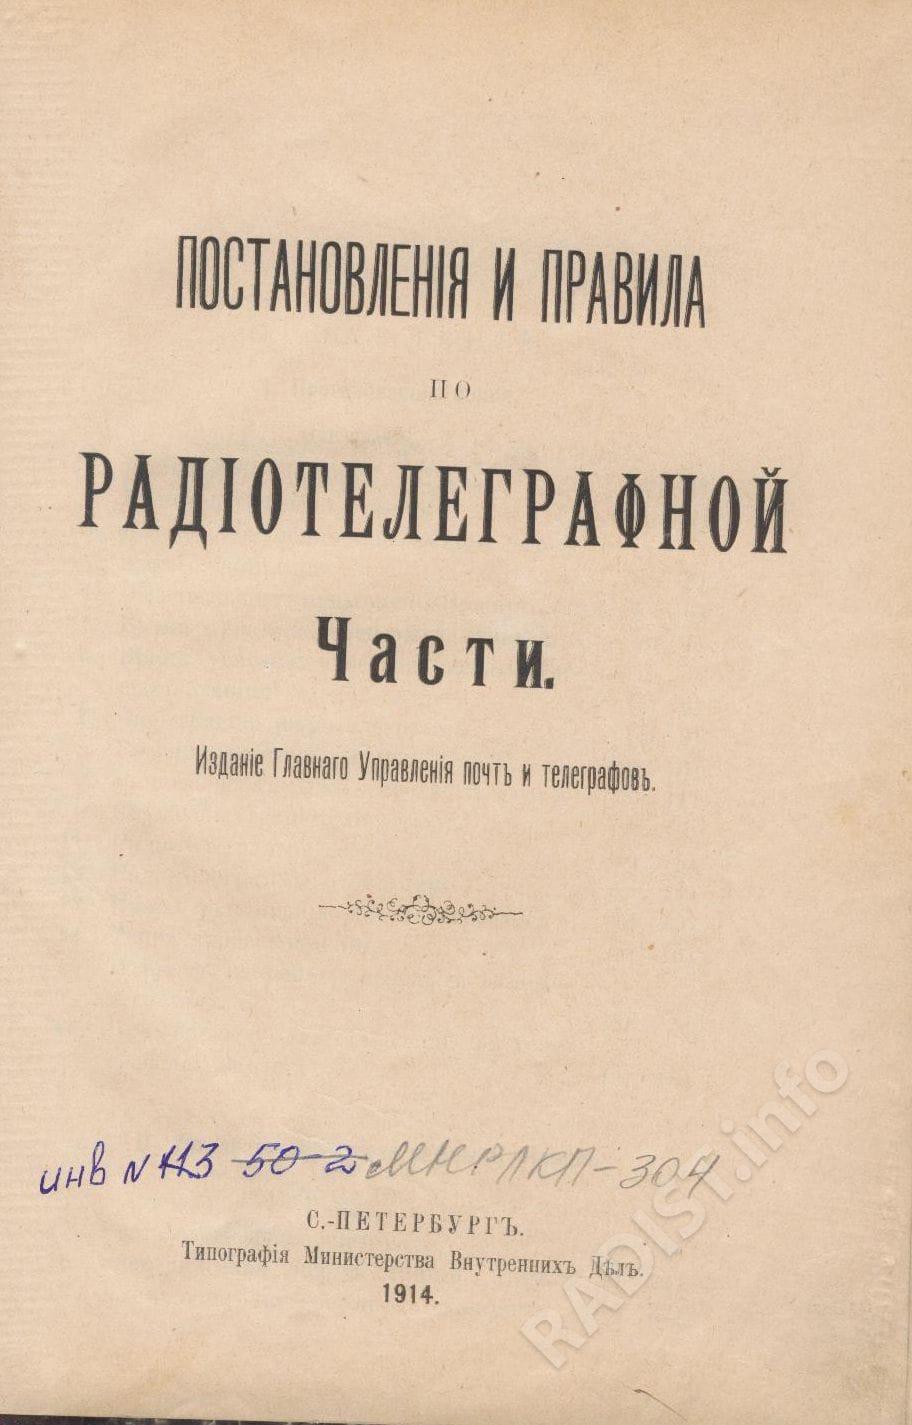 Обложка брошюры «Постановления и правила по радиотелеграфной части». С-Петербург, 1914 г.